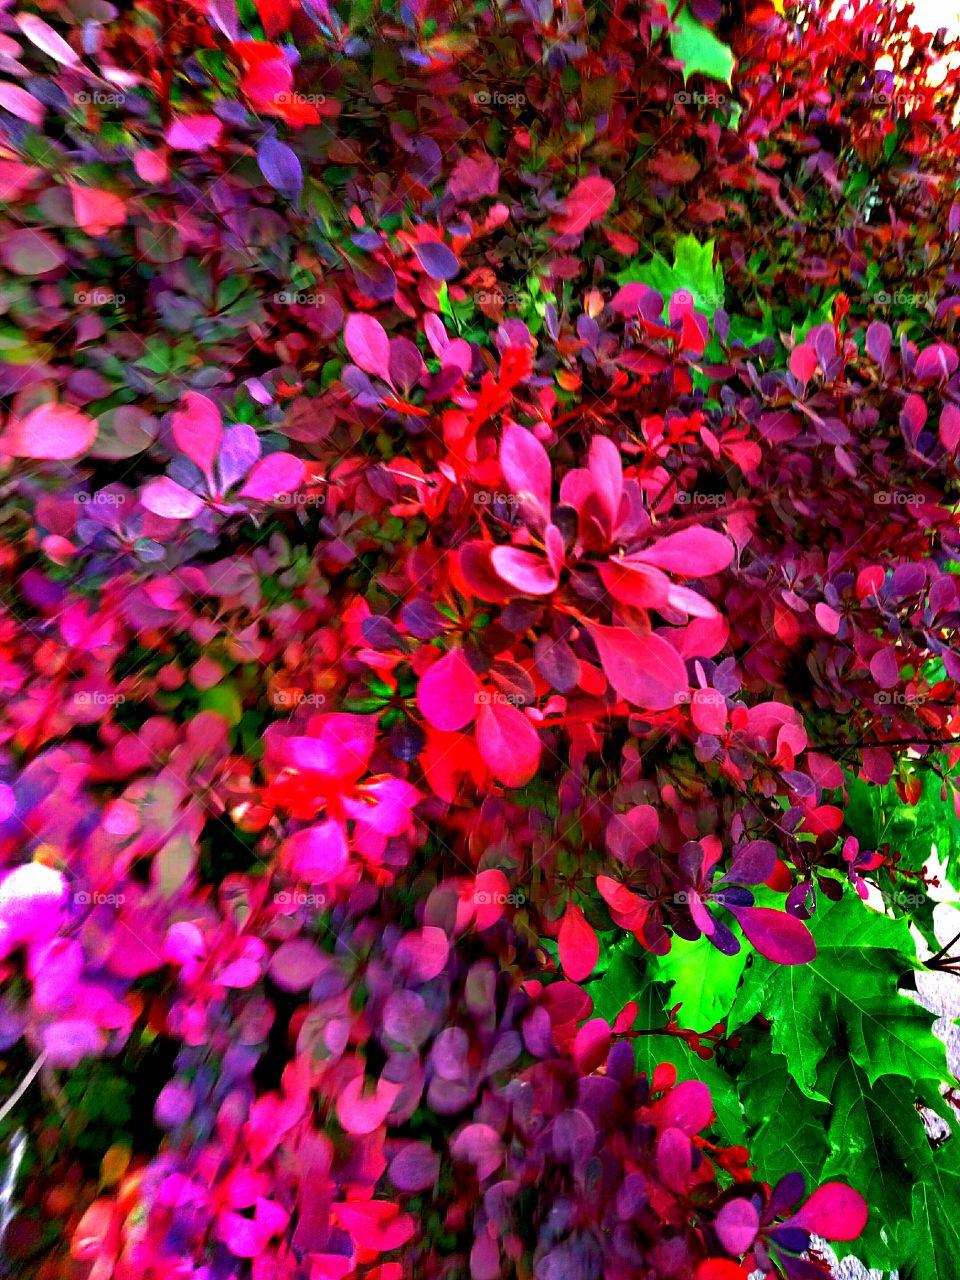 Nature, Color, Leaf, Garden, Flower